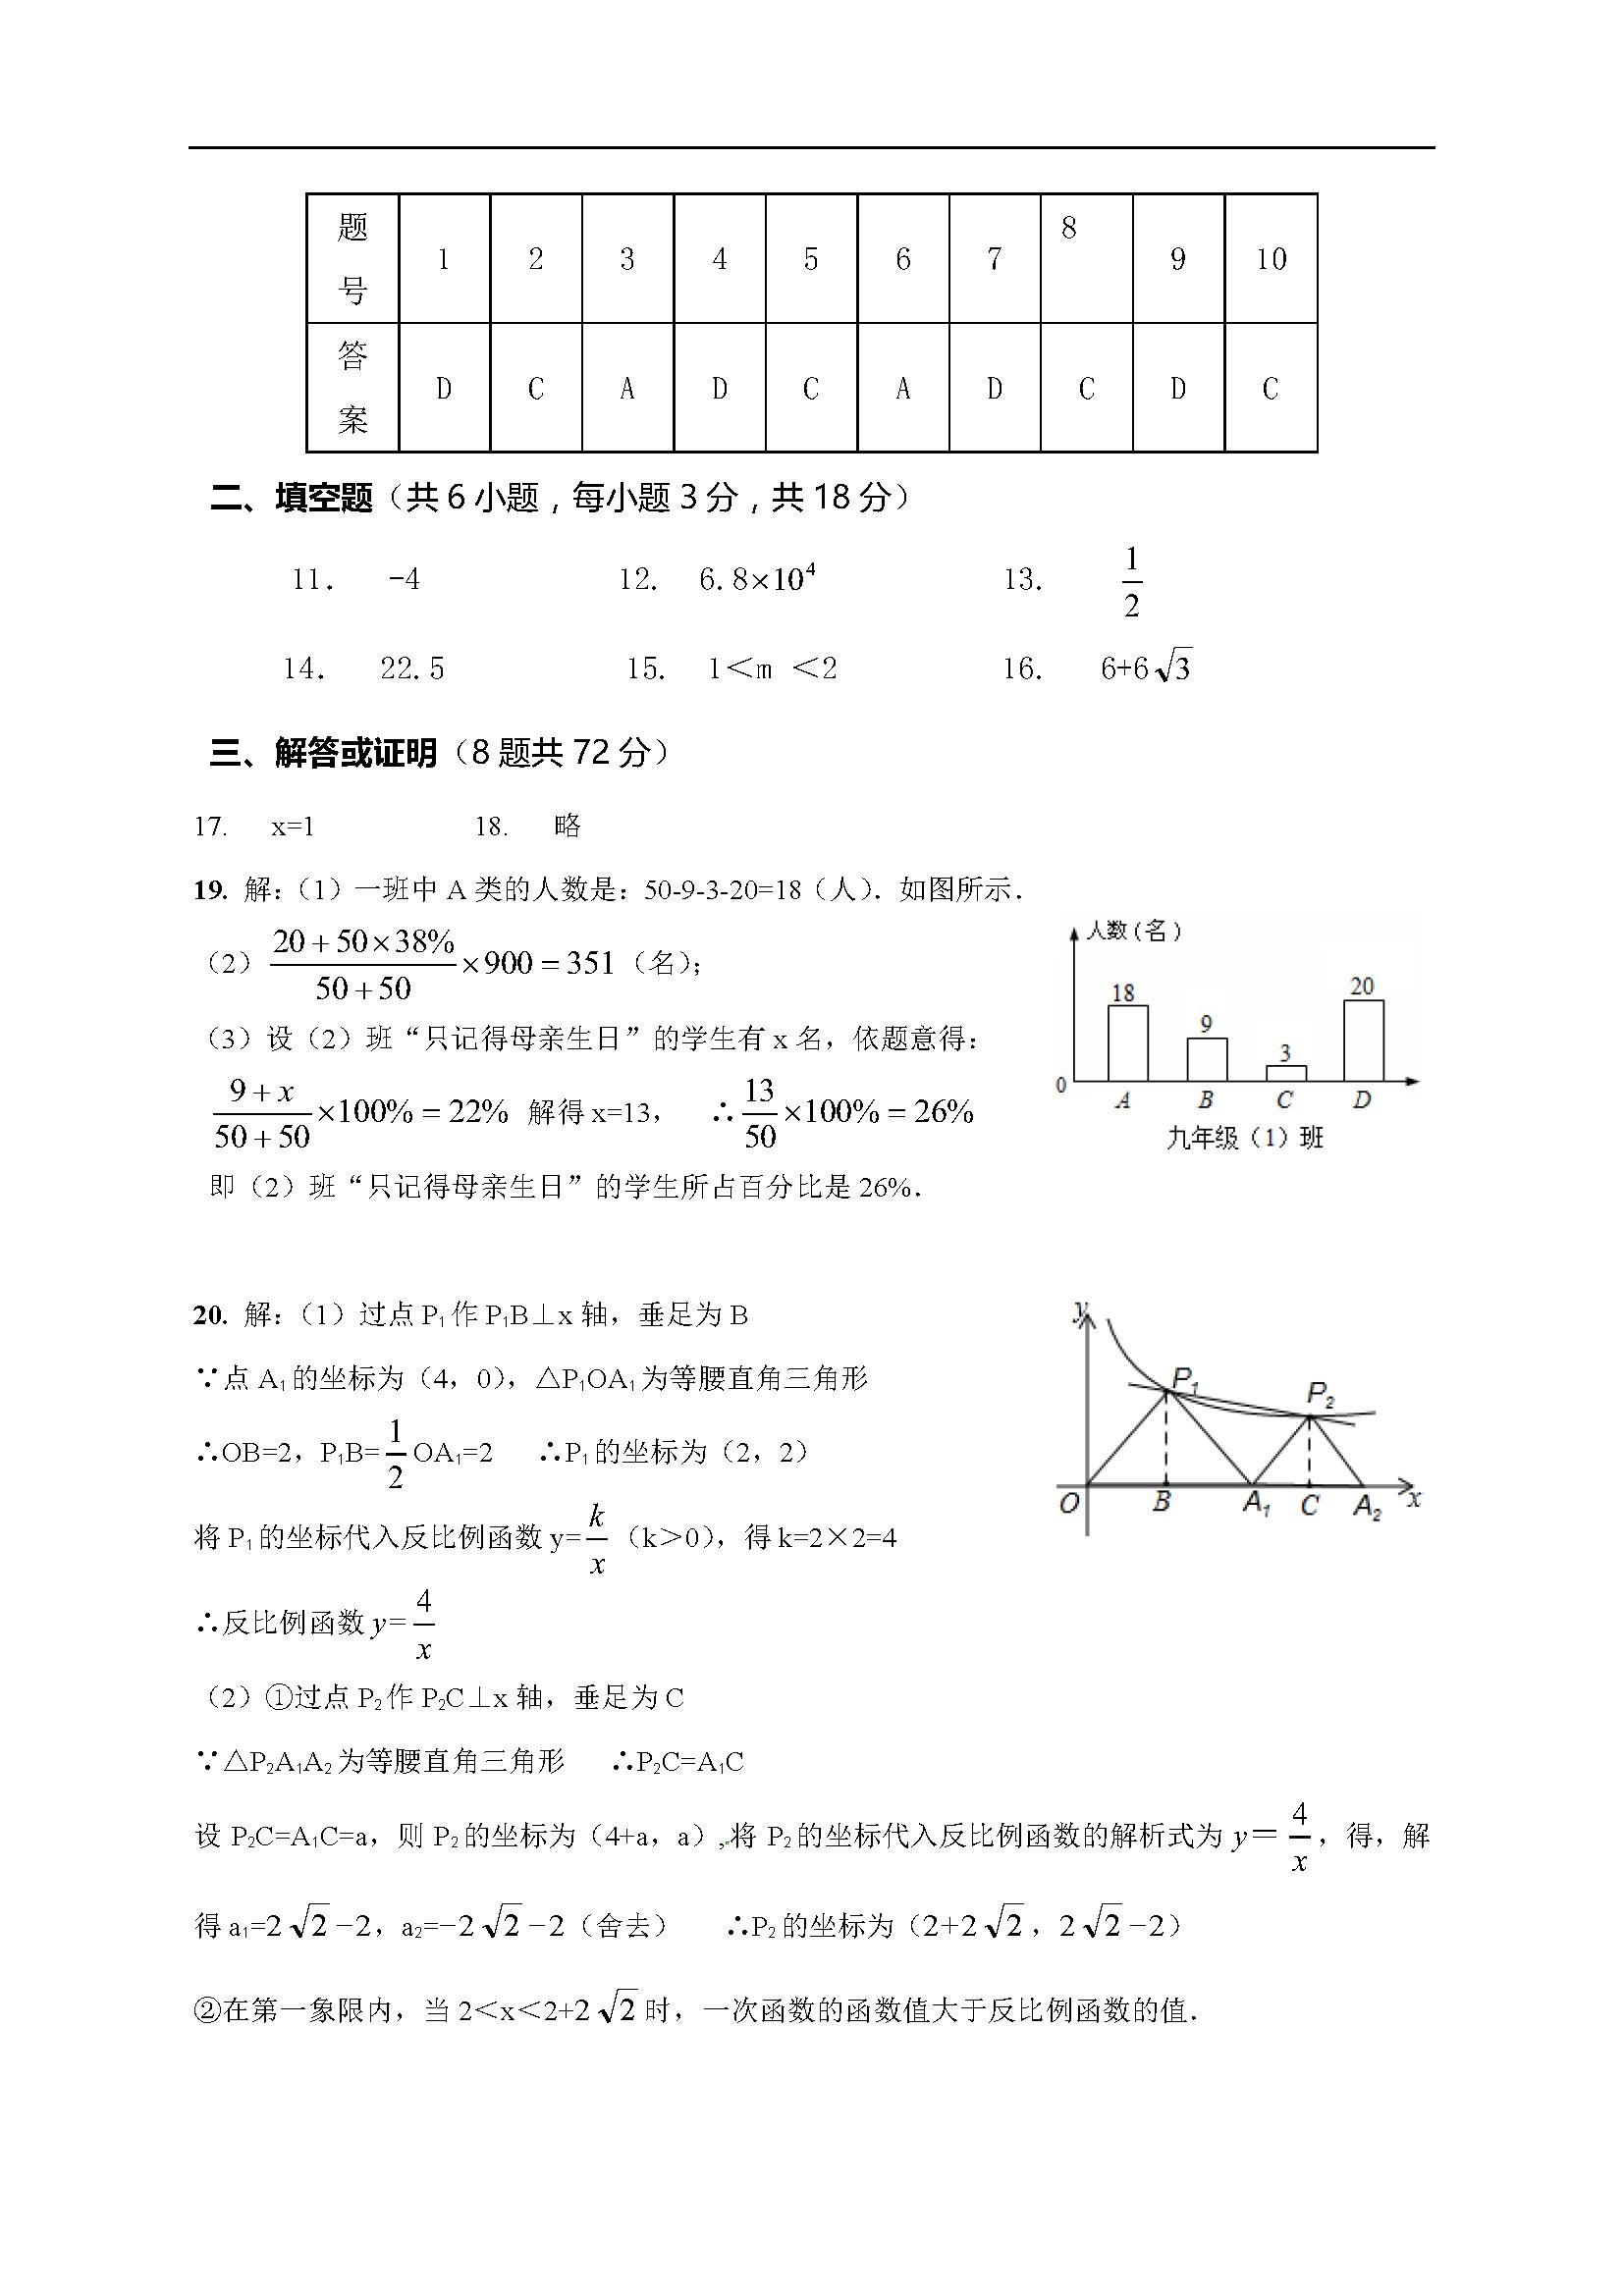 2017年湖北武汉部分学校九年级3月月考数学试题答案(图片版)